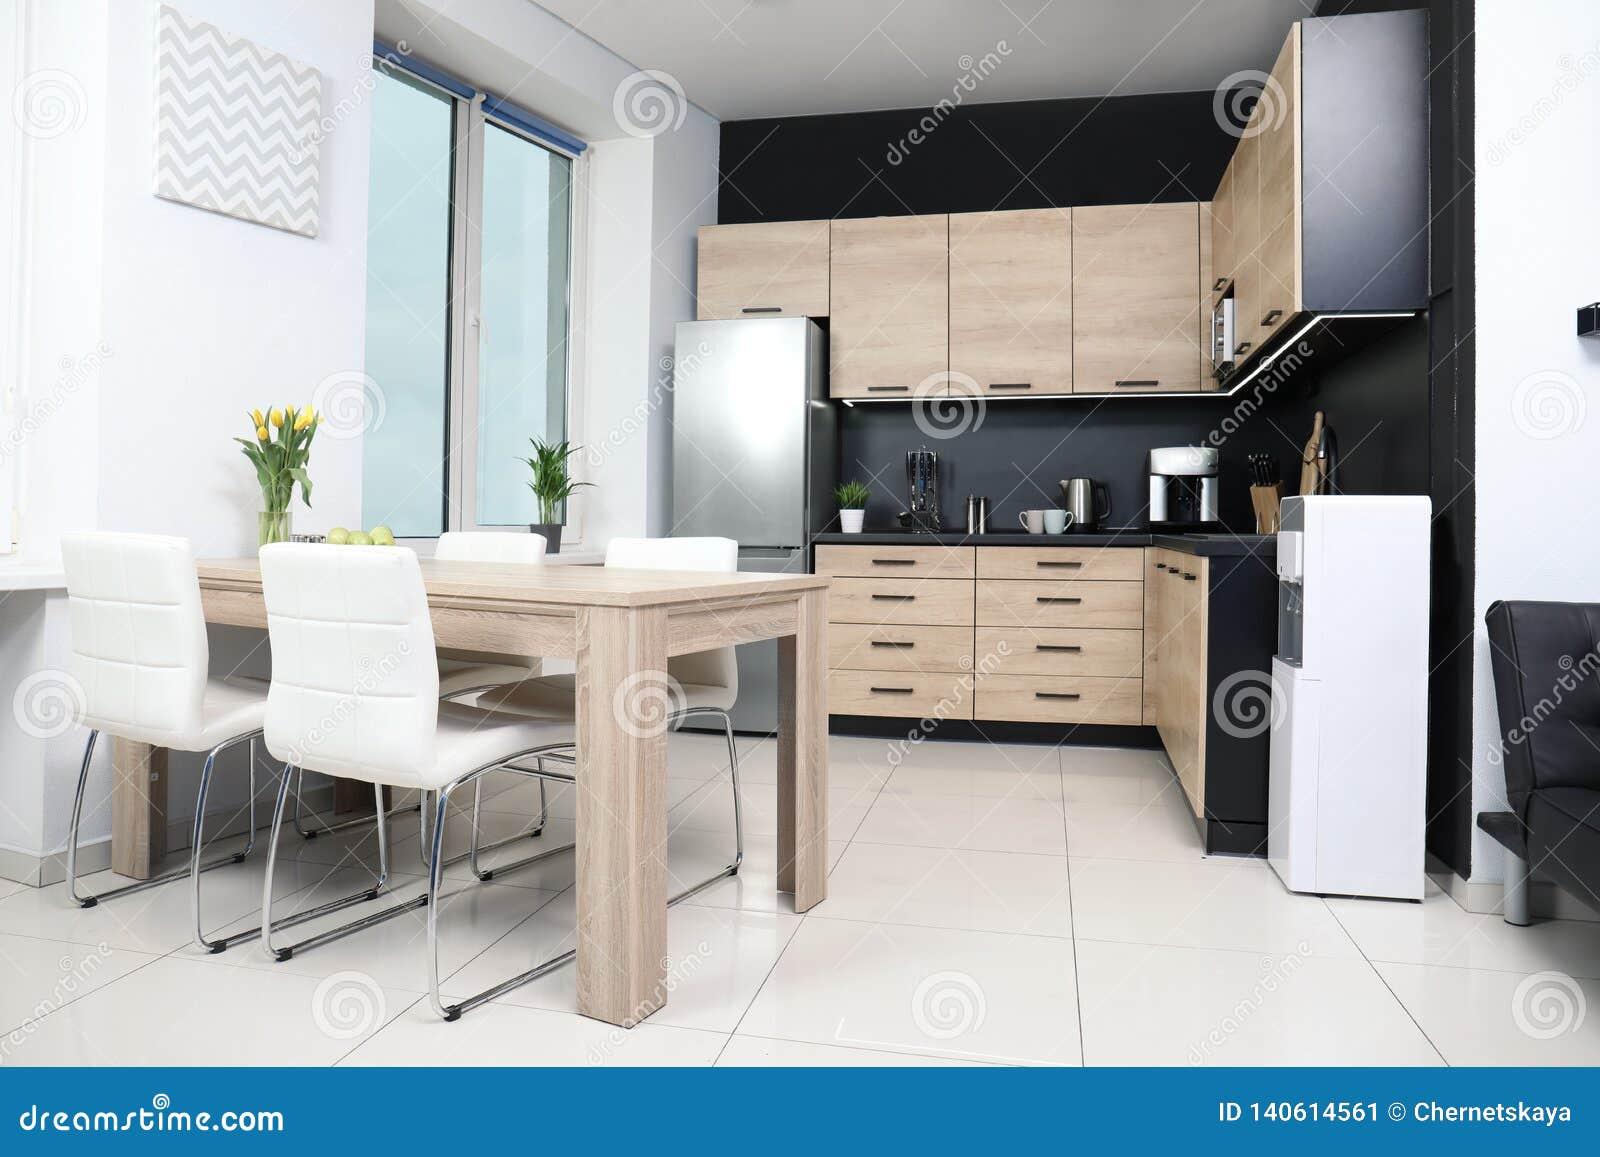 Cocina Moderna Acogedora Interior Con Nuevos Muebles Imagen de ...